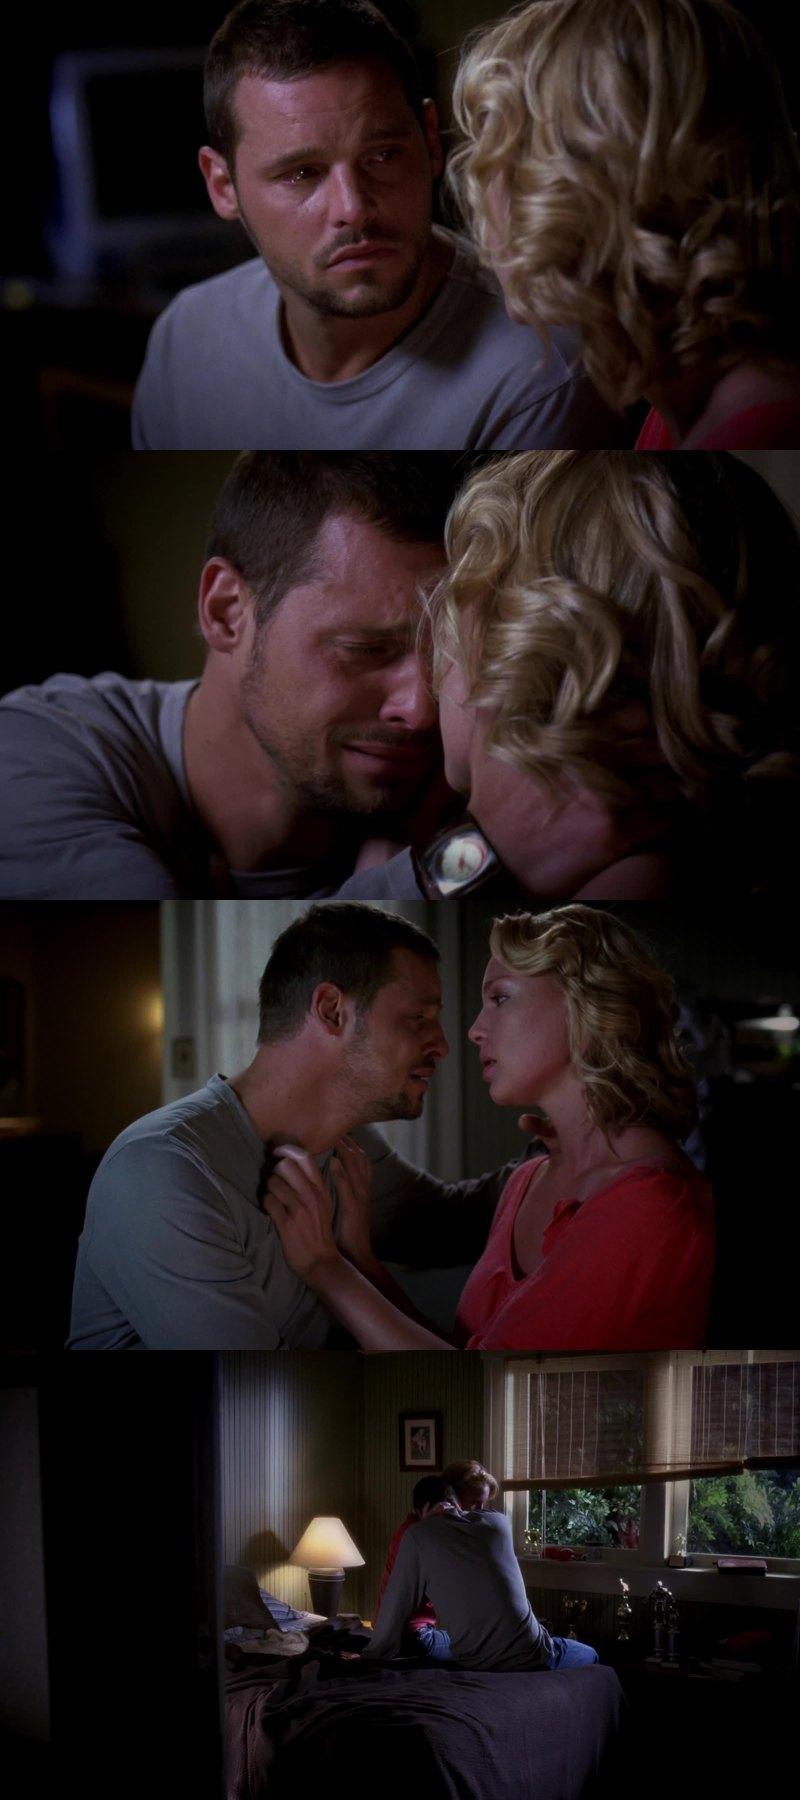 oh Karev 😭😭😭